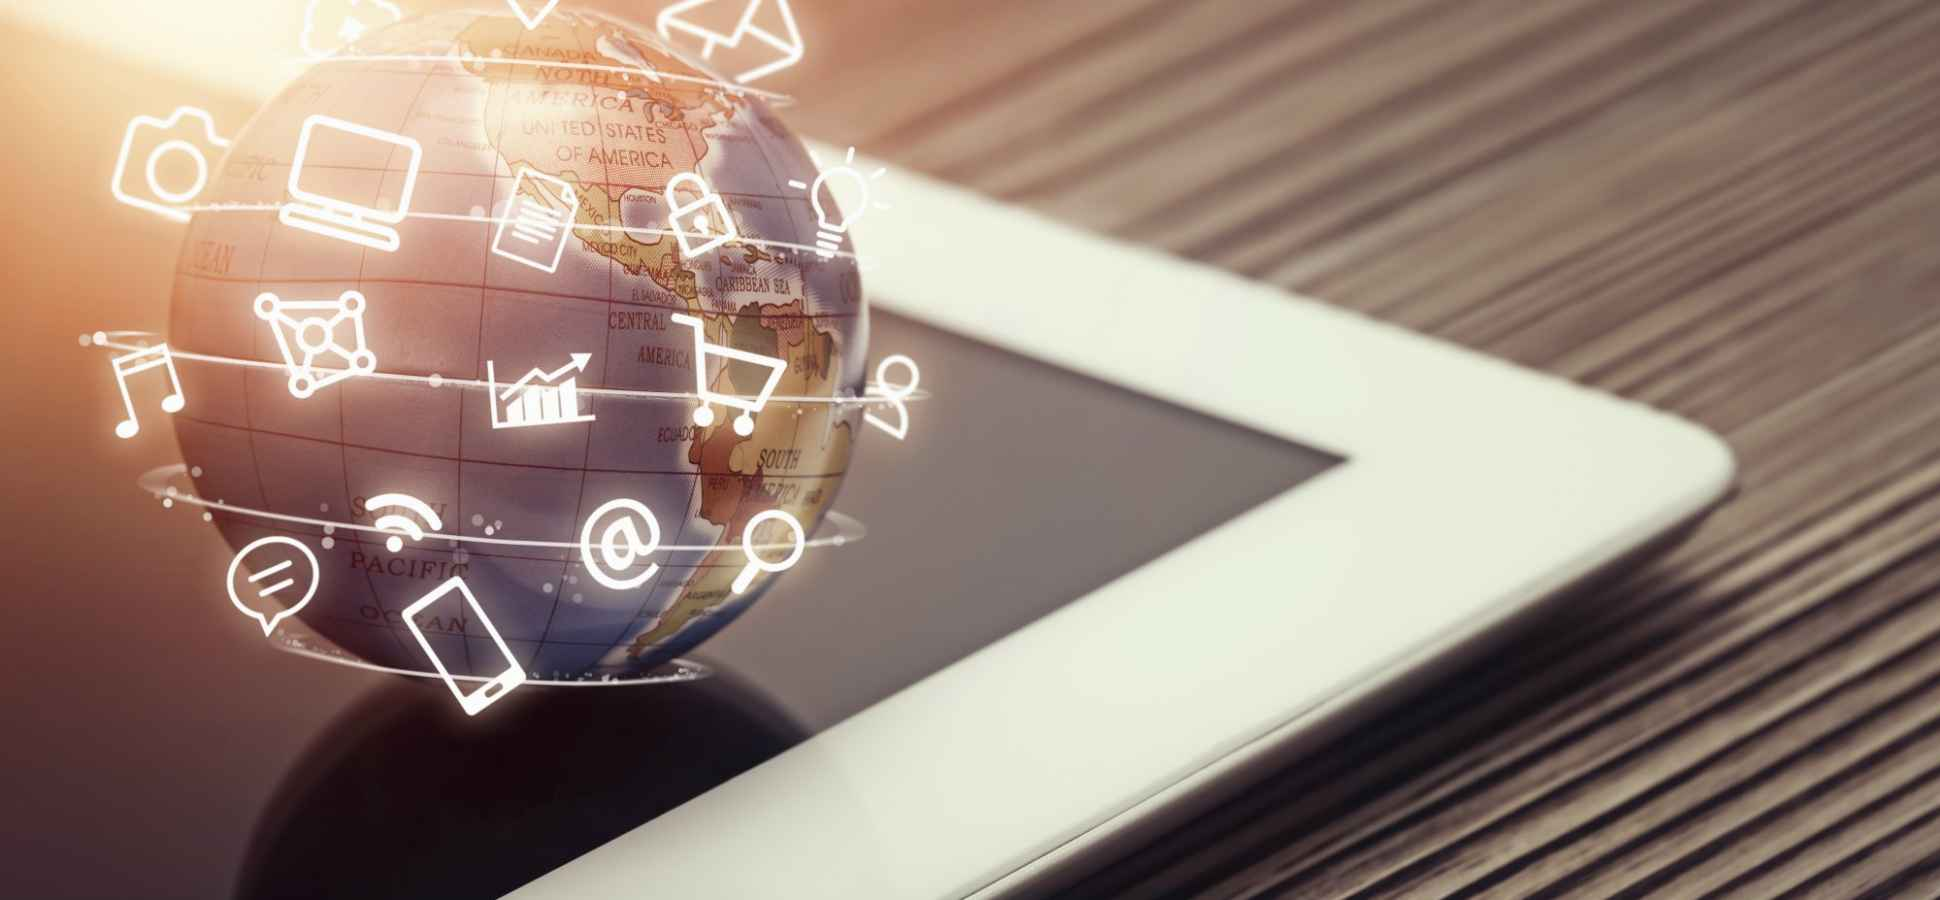 e-commerce-platorm-develop-launch